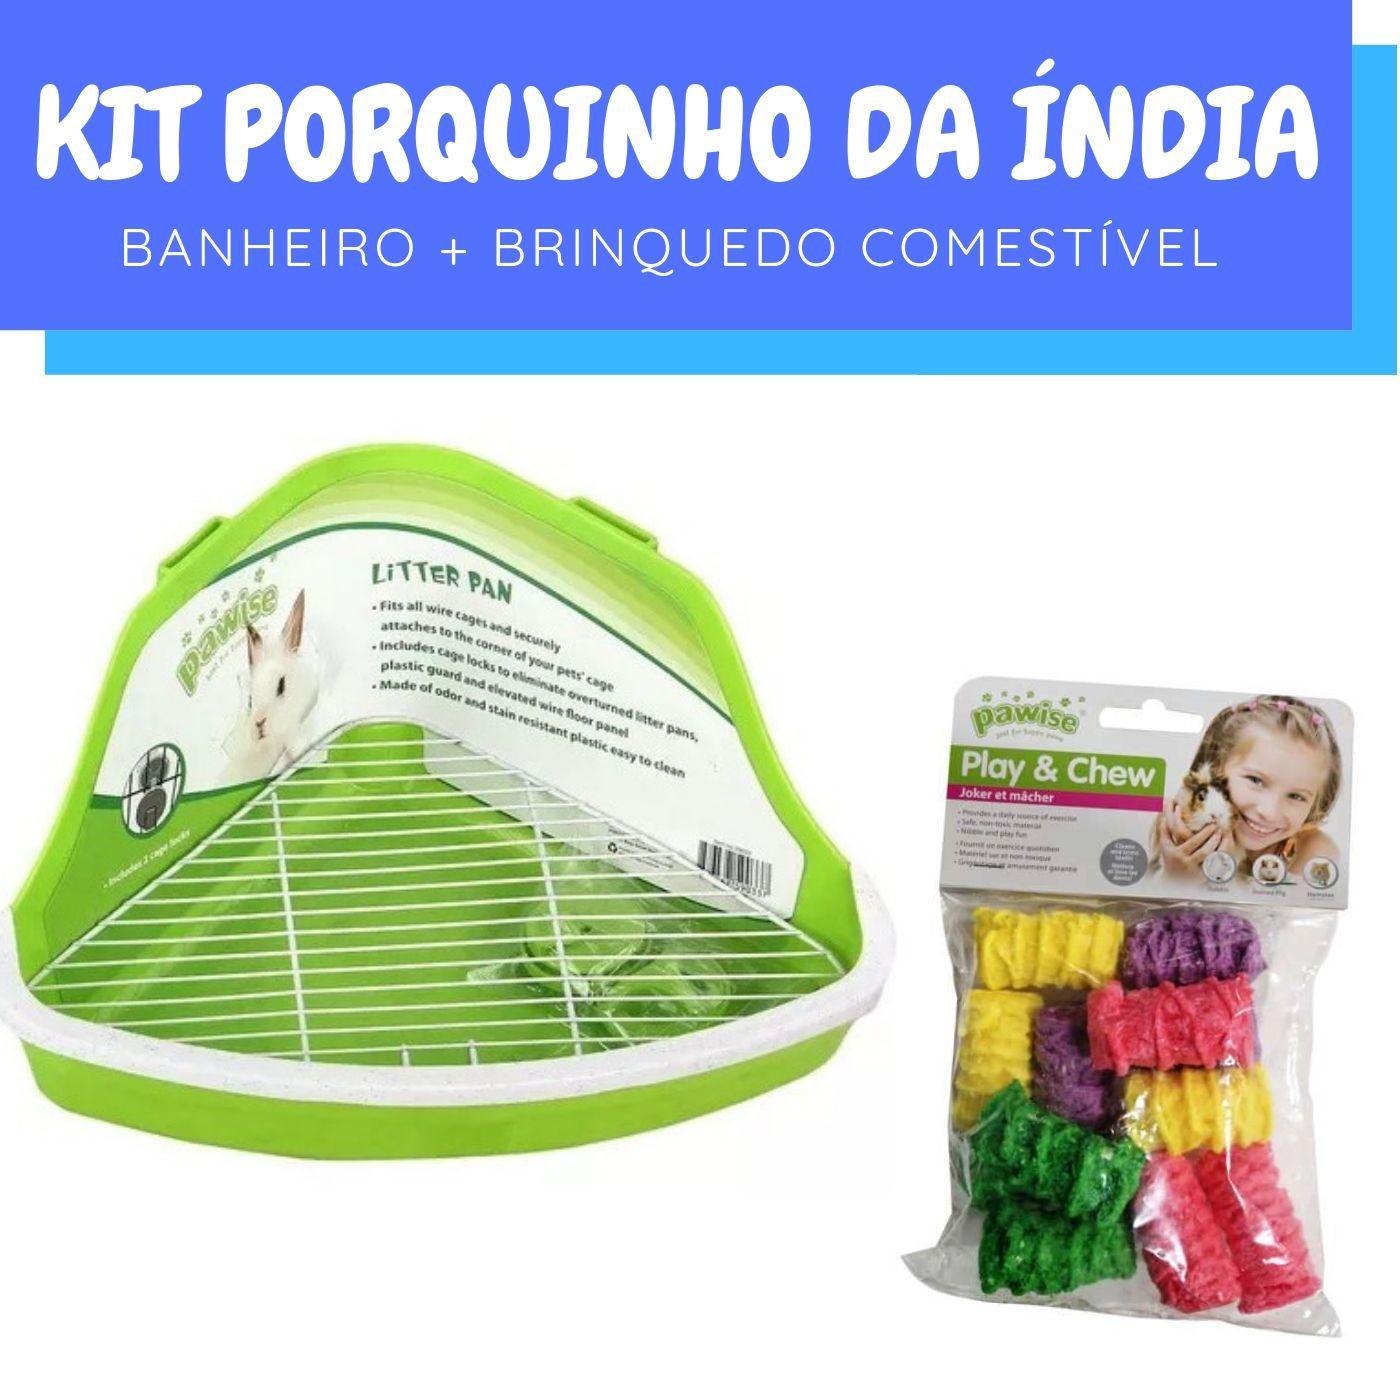 Kit Porquinho da Índia com Brinquedo e Banheiro Pawise